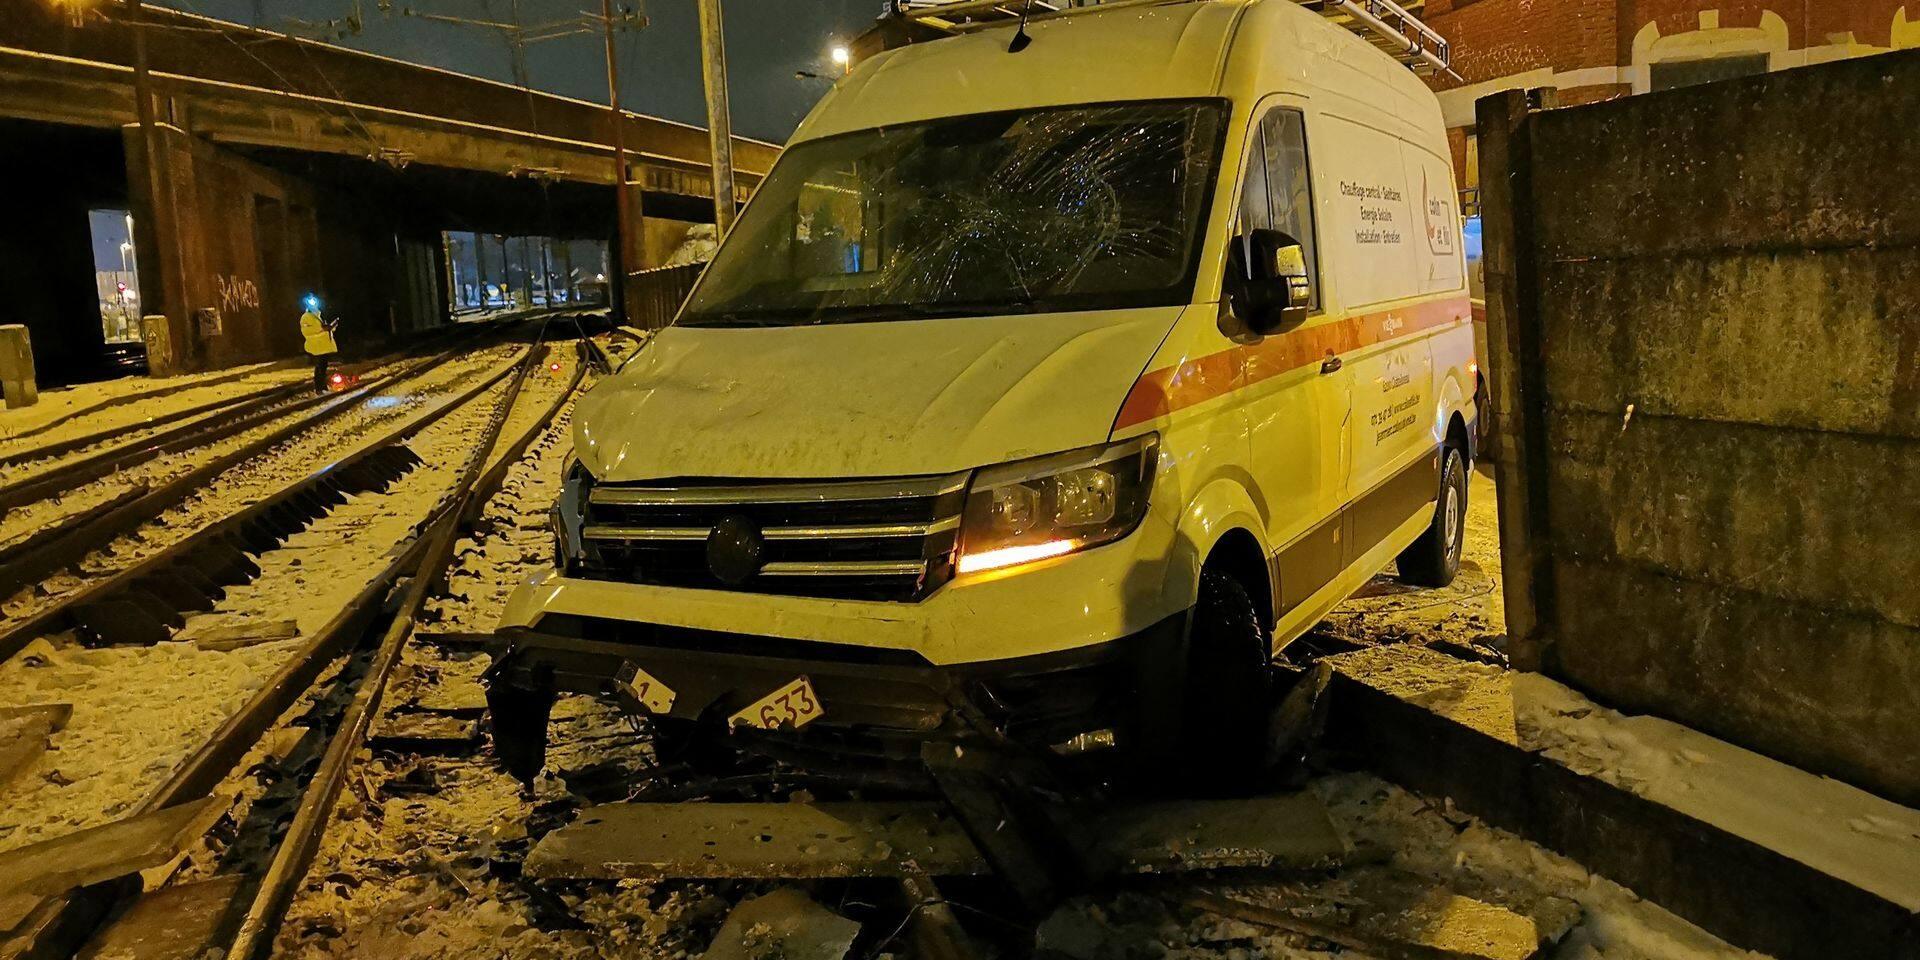 Verglas: une camionnette se retrouve sur les rails à Marcinelle, les trains stoppés